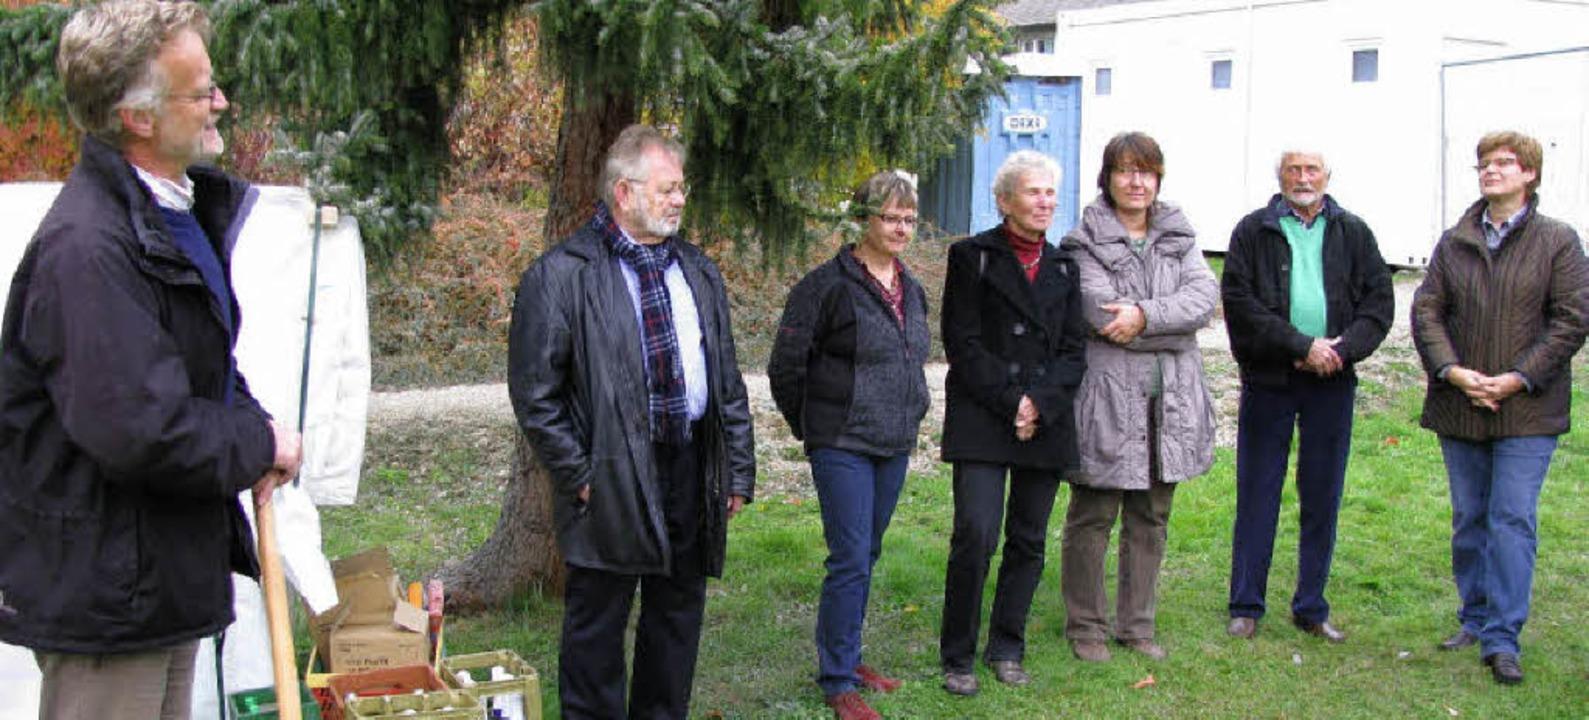 Den Spaten bedurfte es nicht mehr, als...ppe aus Staufen (Zweiter von rechts).   | Foto: Manfred Lange